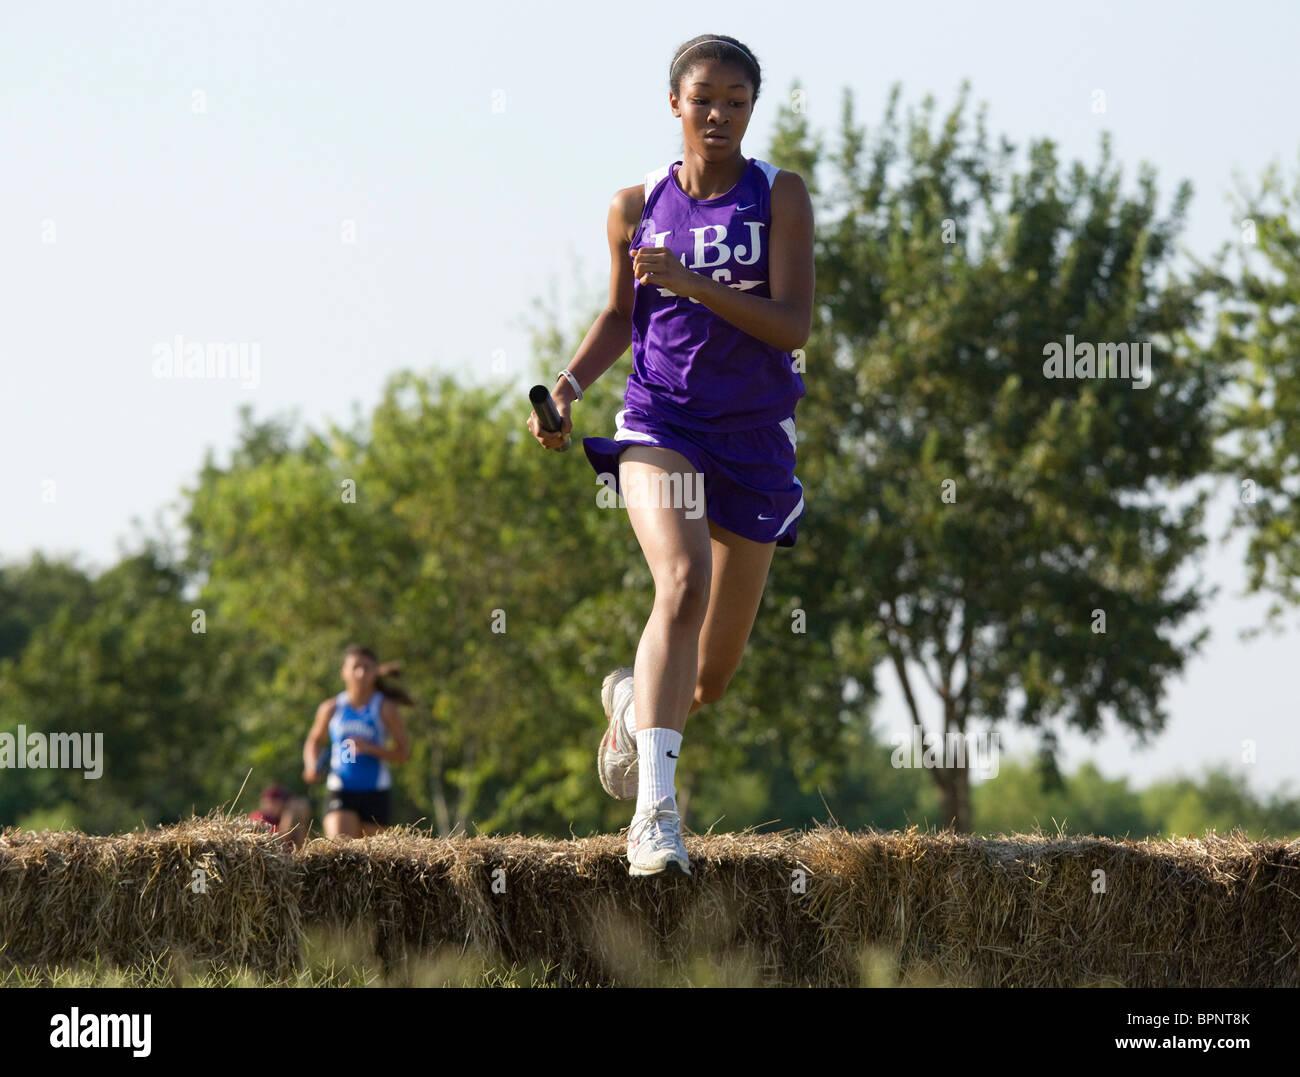 Les femmes afro-américaines high school runner saute sur des ballots de foin au cours de parcours cross de Photo Stock